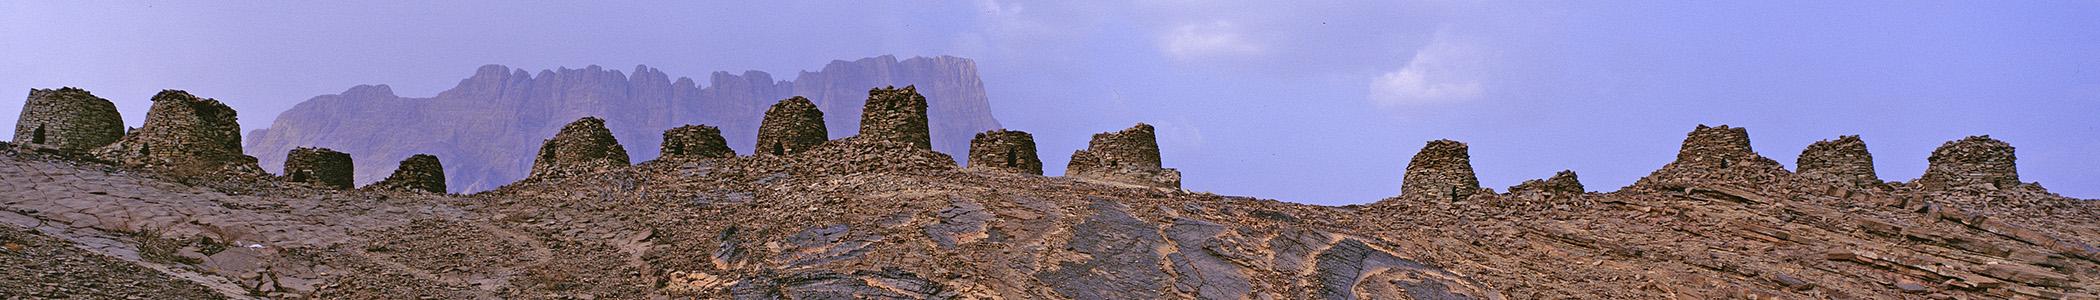 Oman - Wikivoyage, guida turistica di viaggio